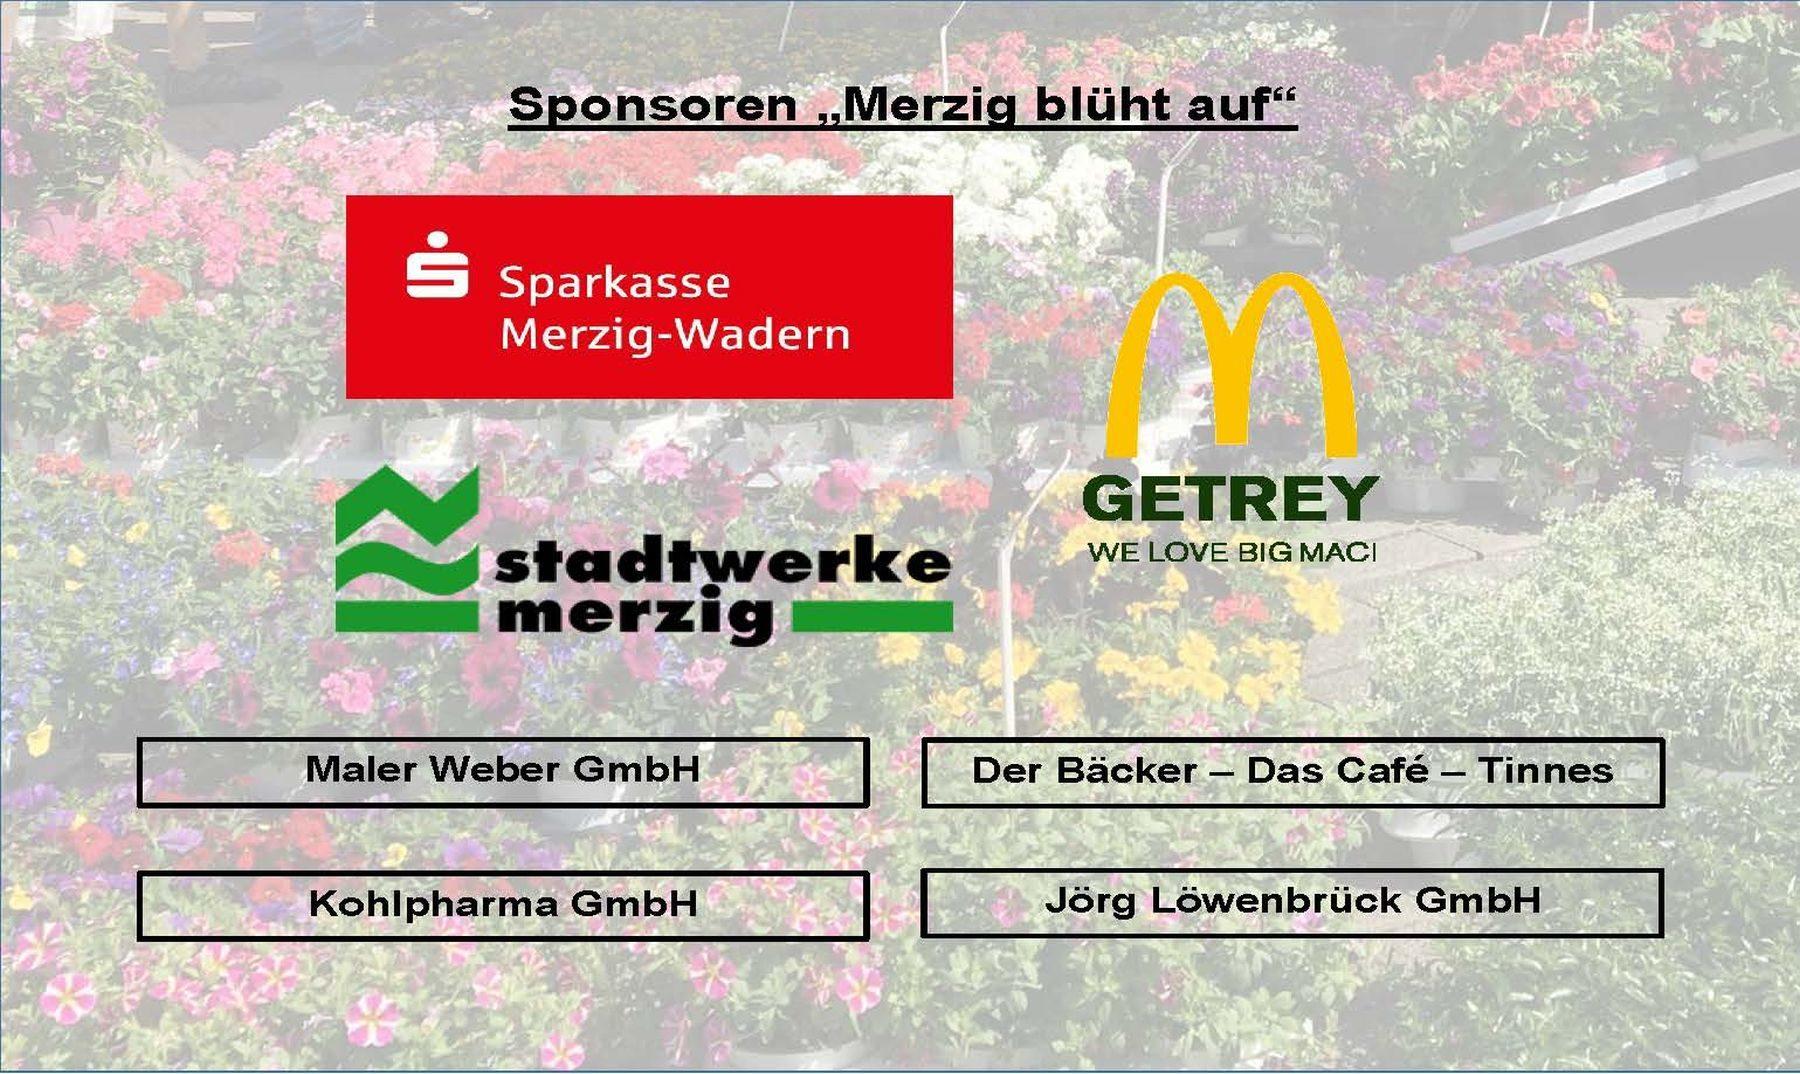 """Sponsoren """"Merzig blüht auf"""" 2019"""